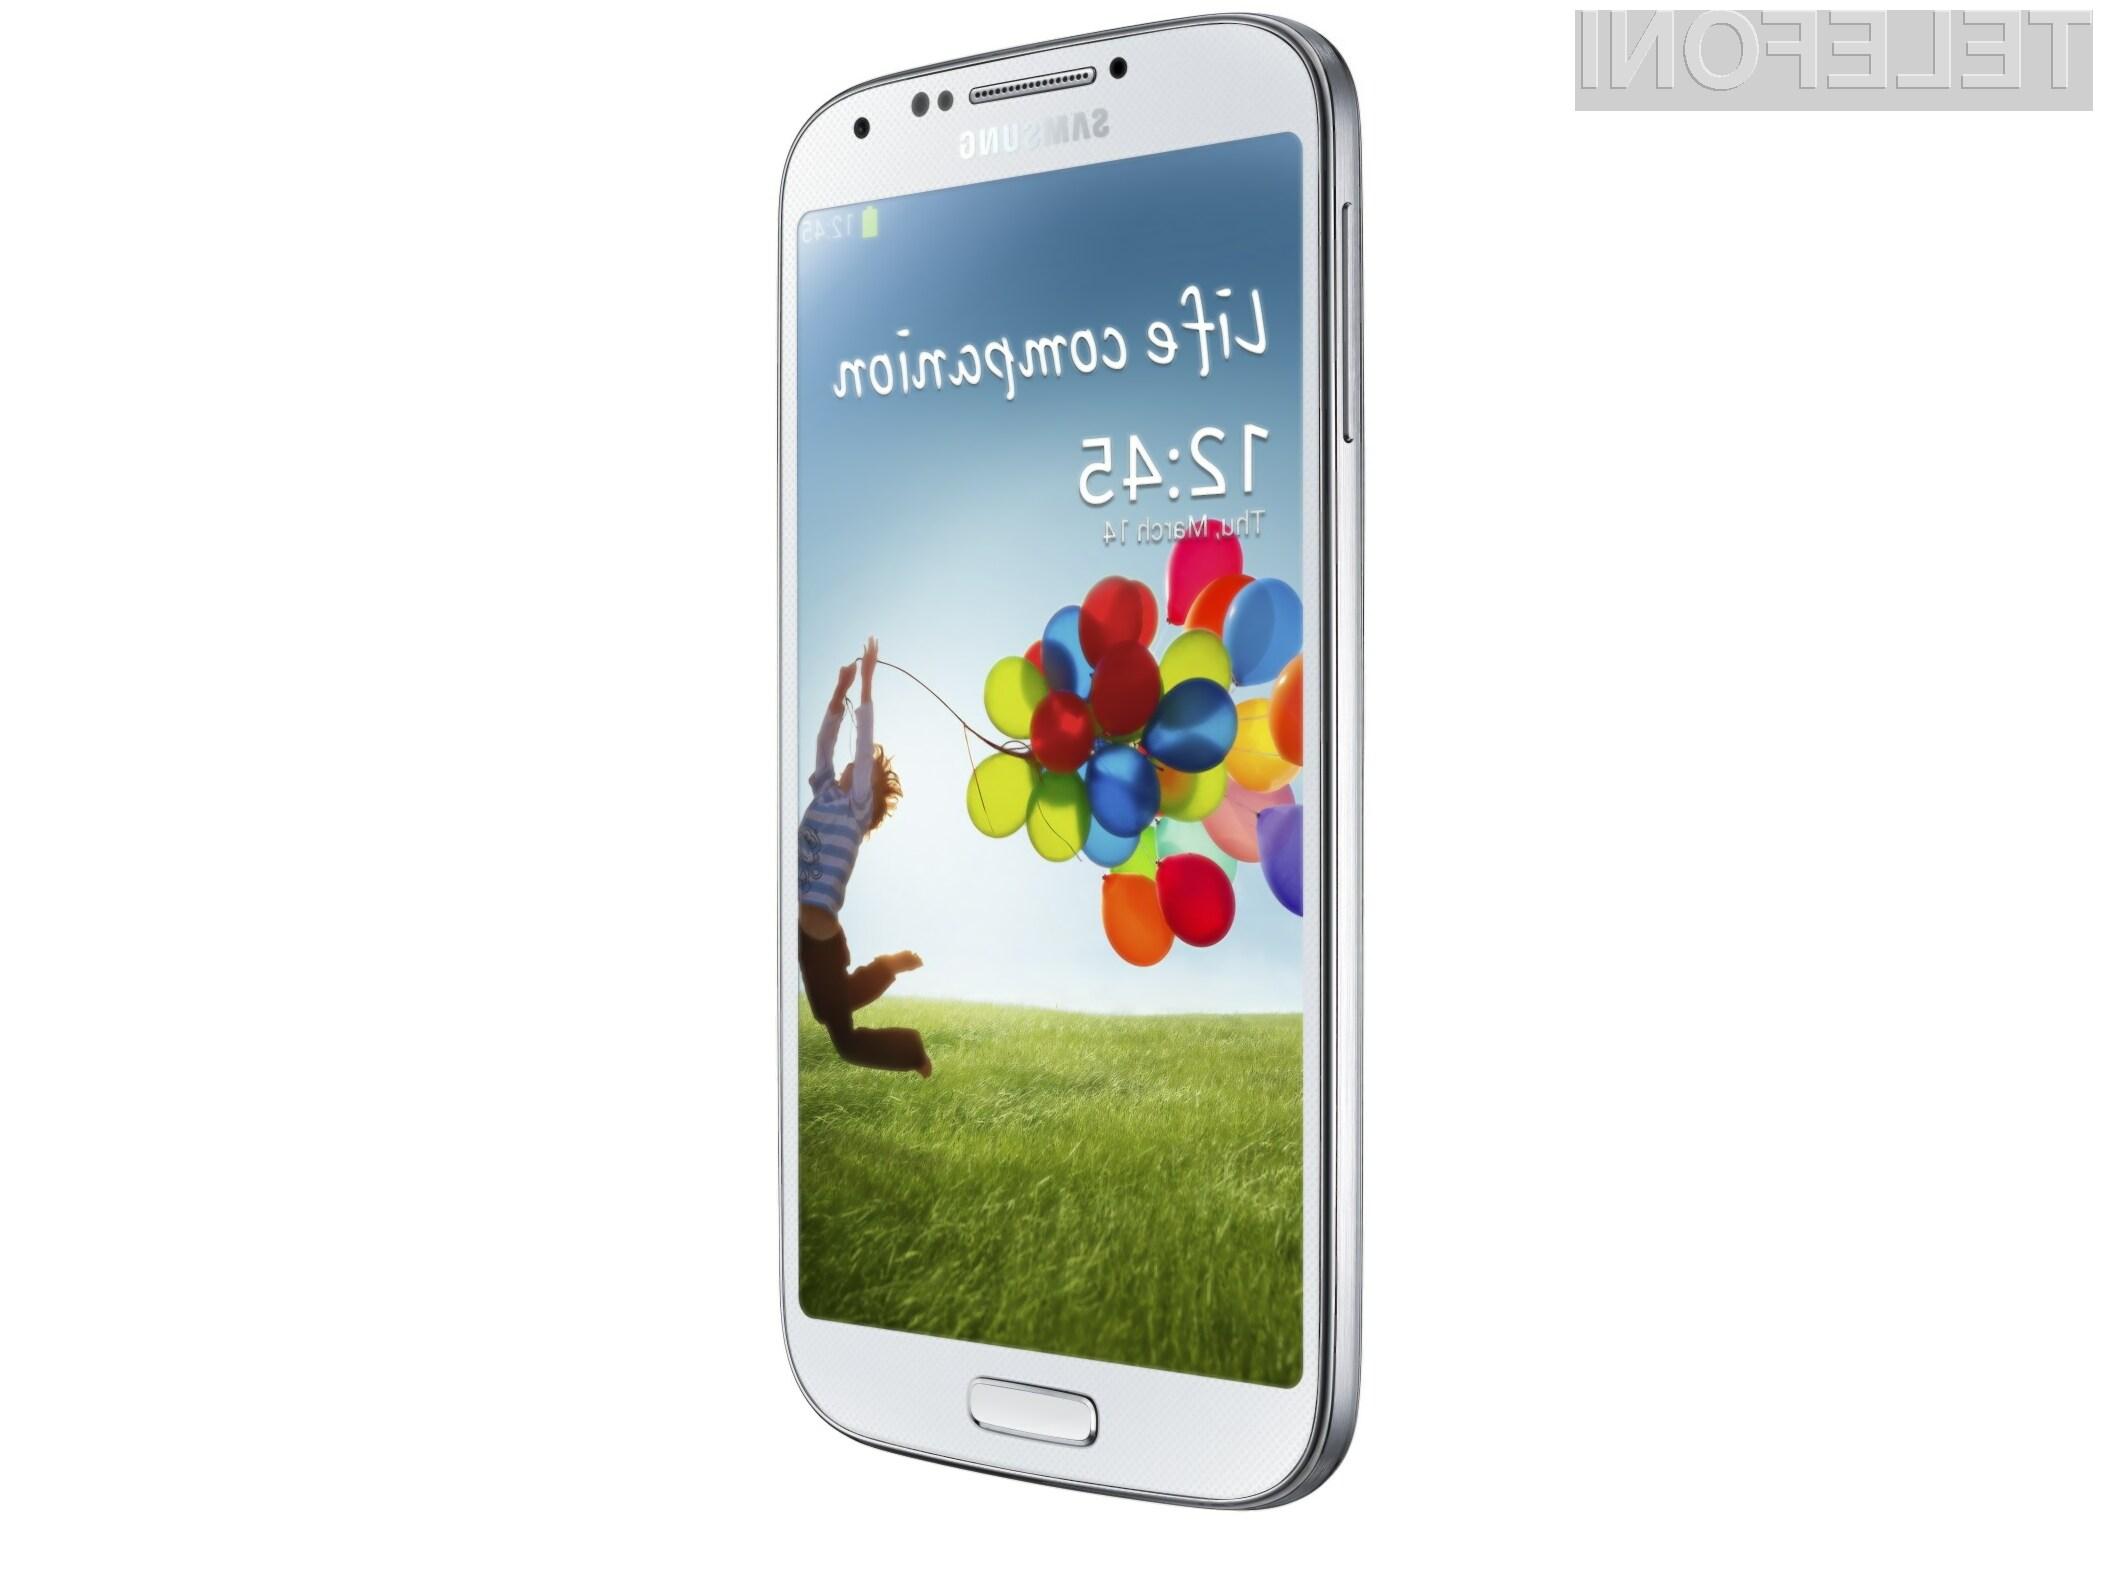 Samsung Galaxy S4 se lahko pohvali z izredno velikim zaslonom.